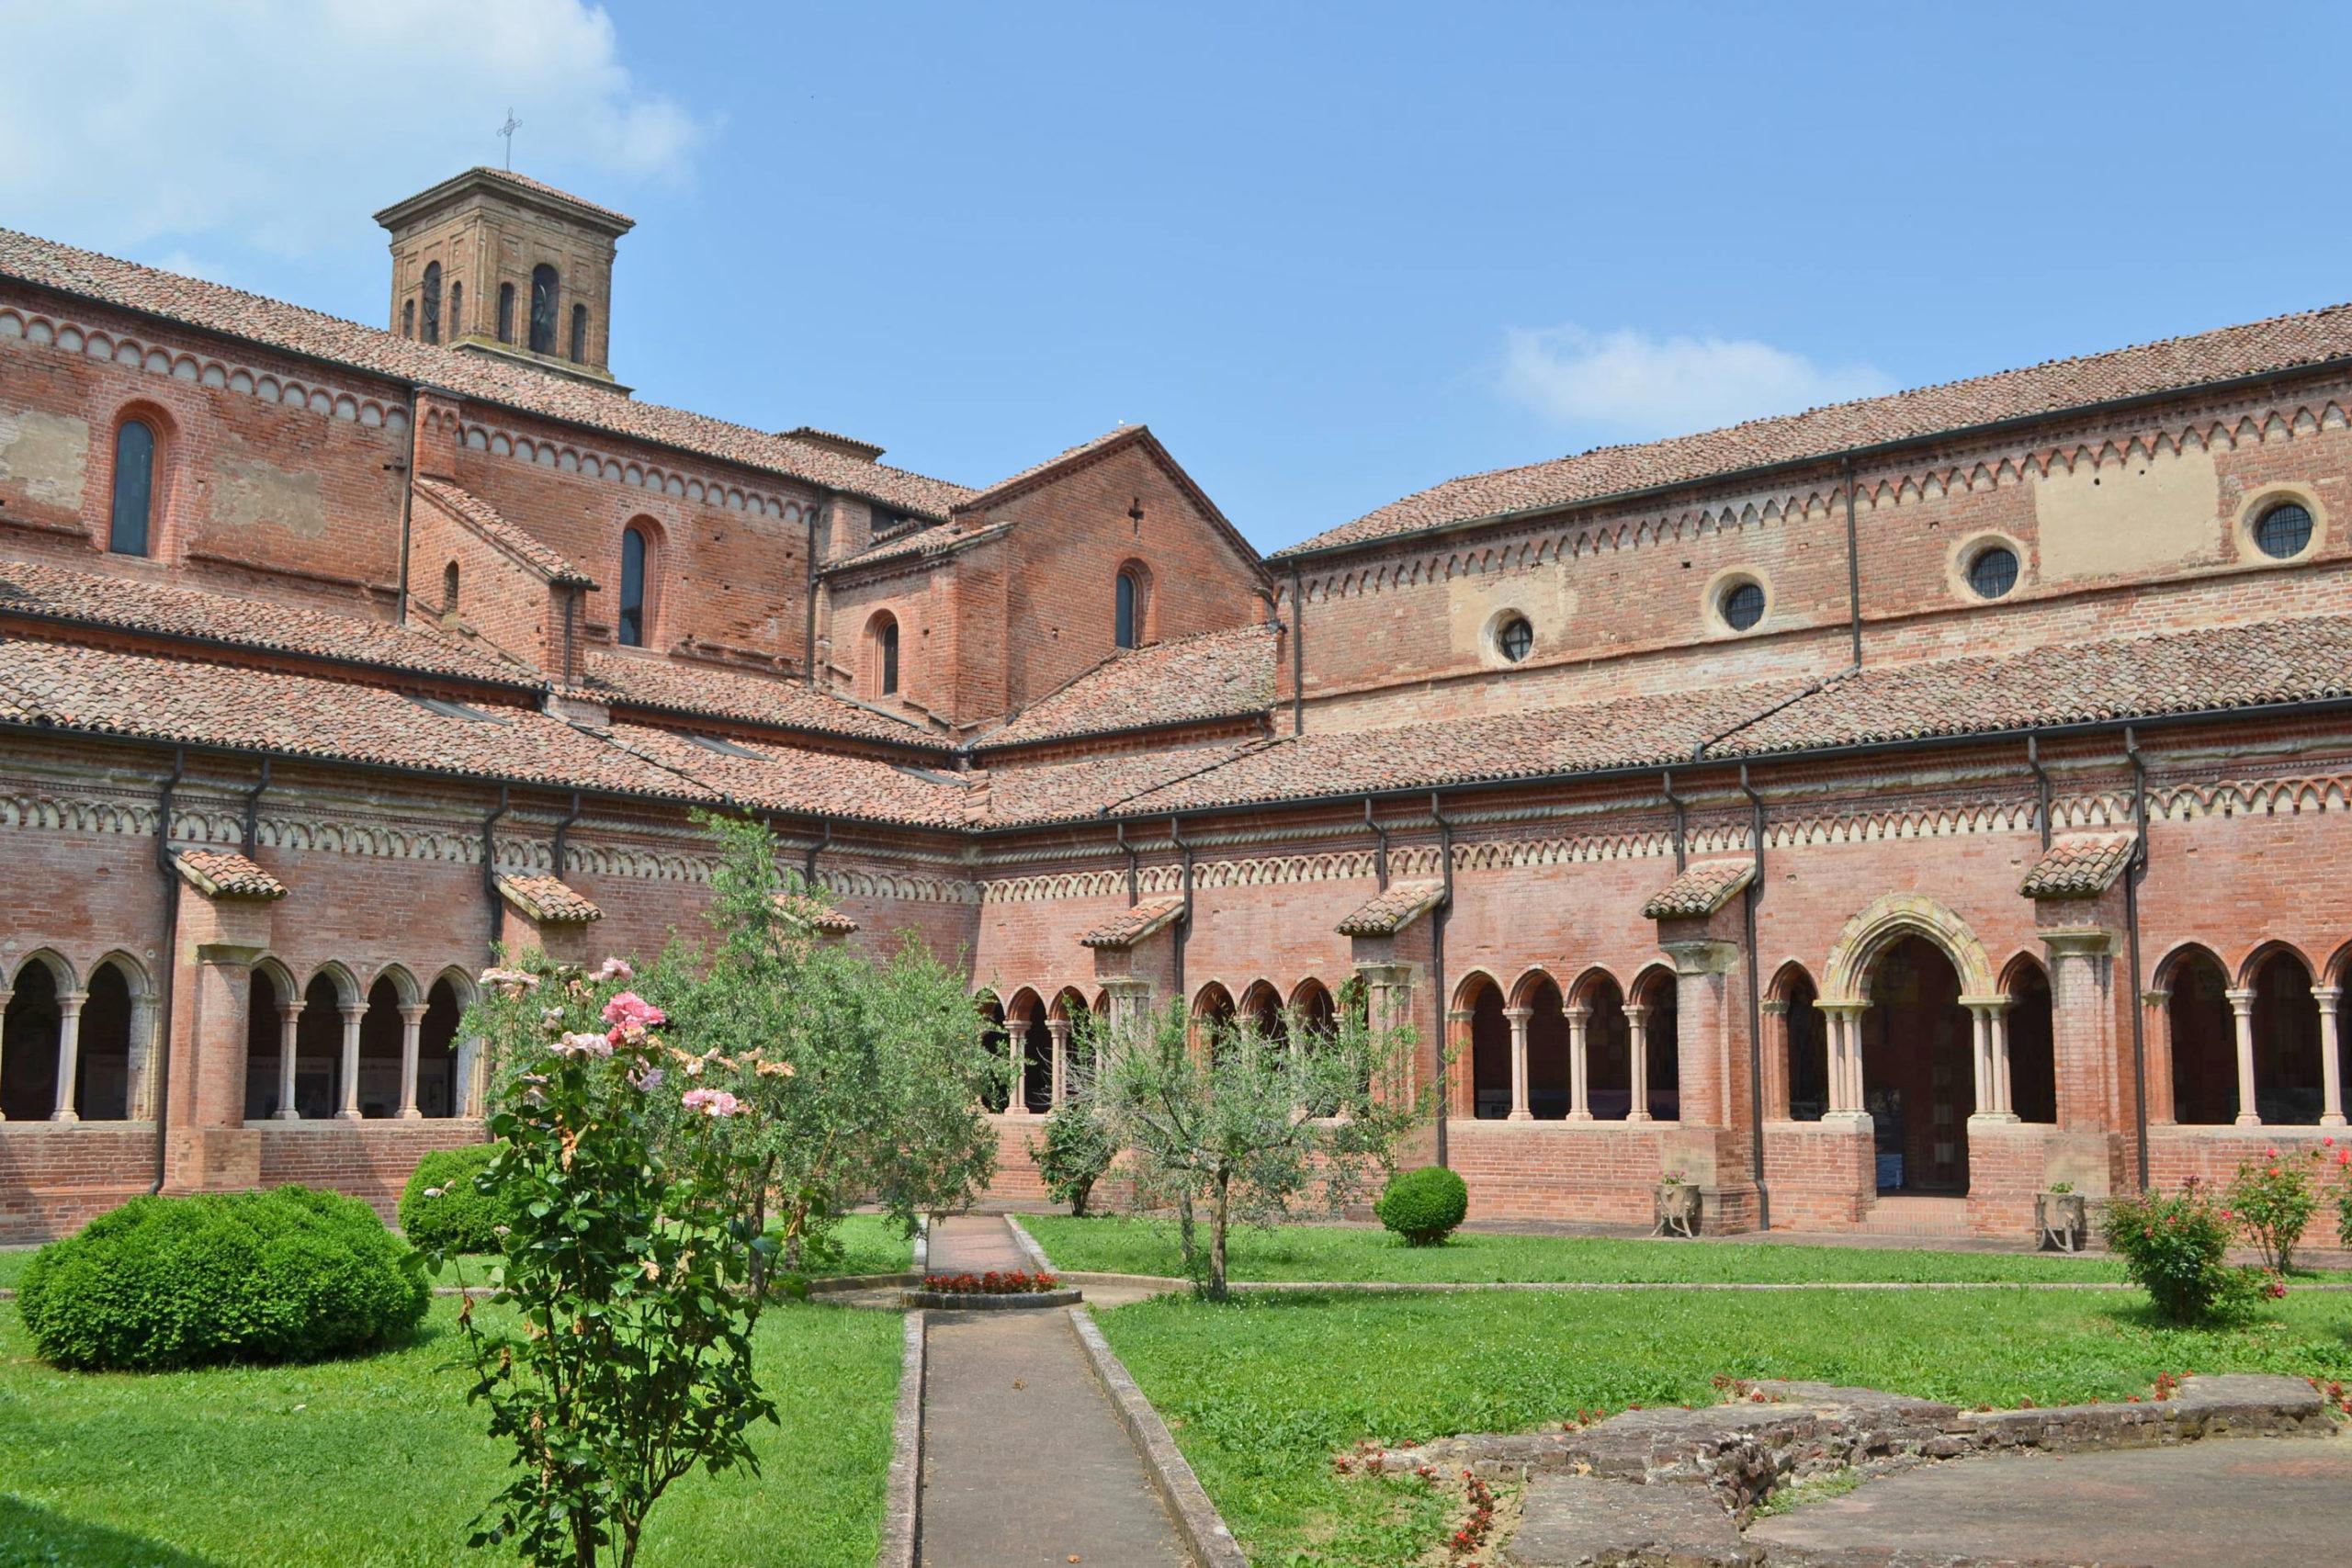 The medieval abbey of Chiaravalle della Colomba